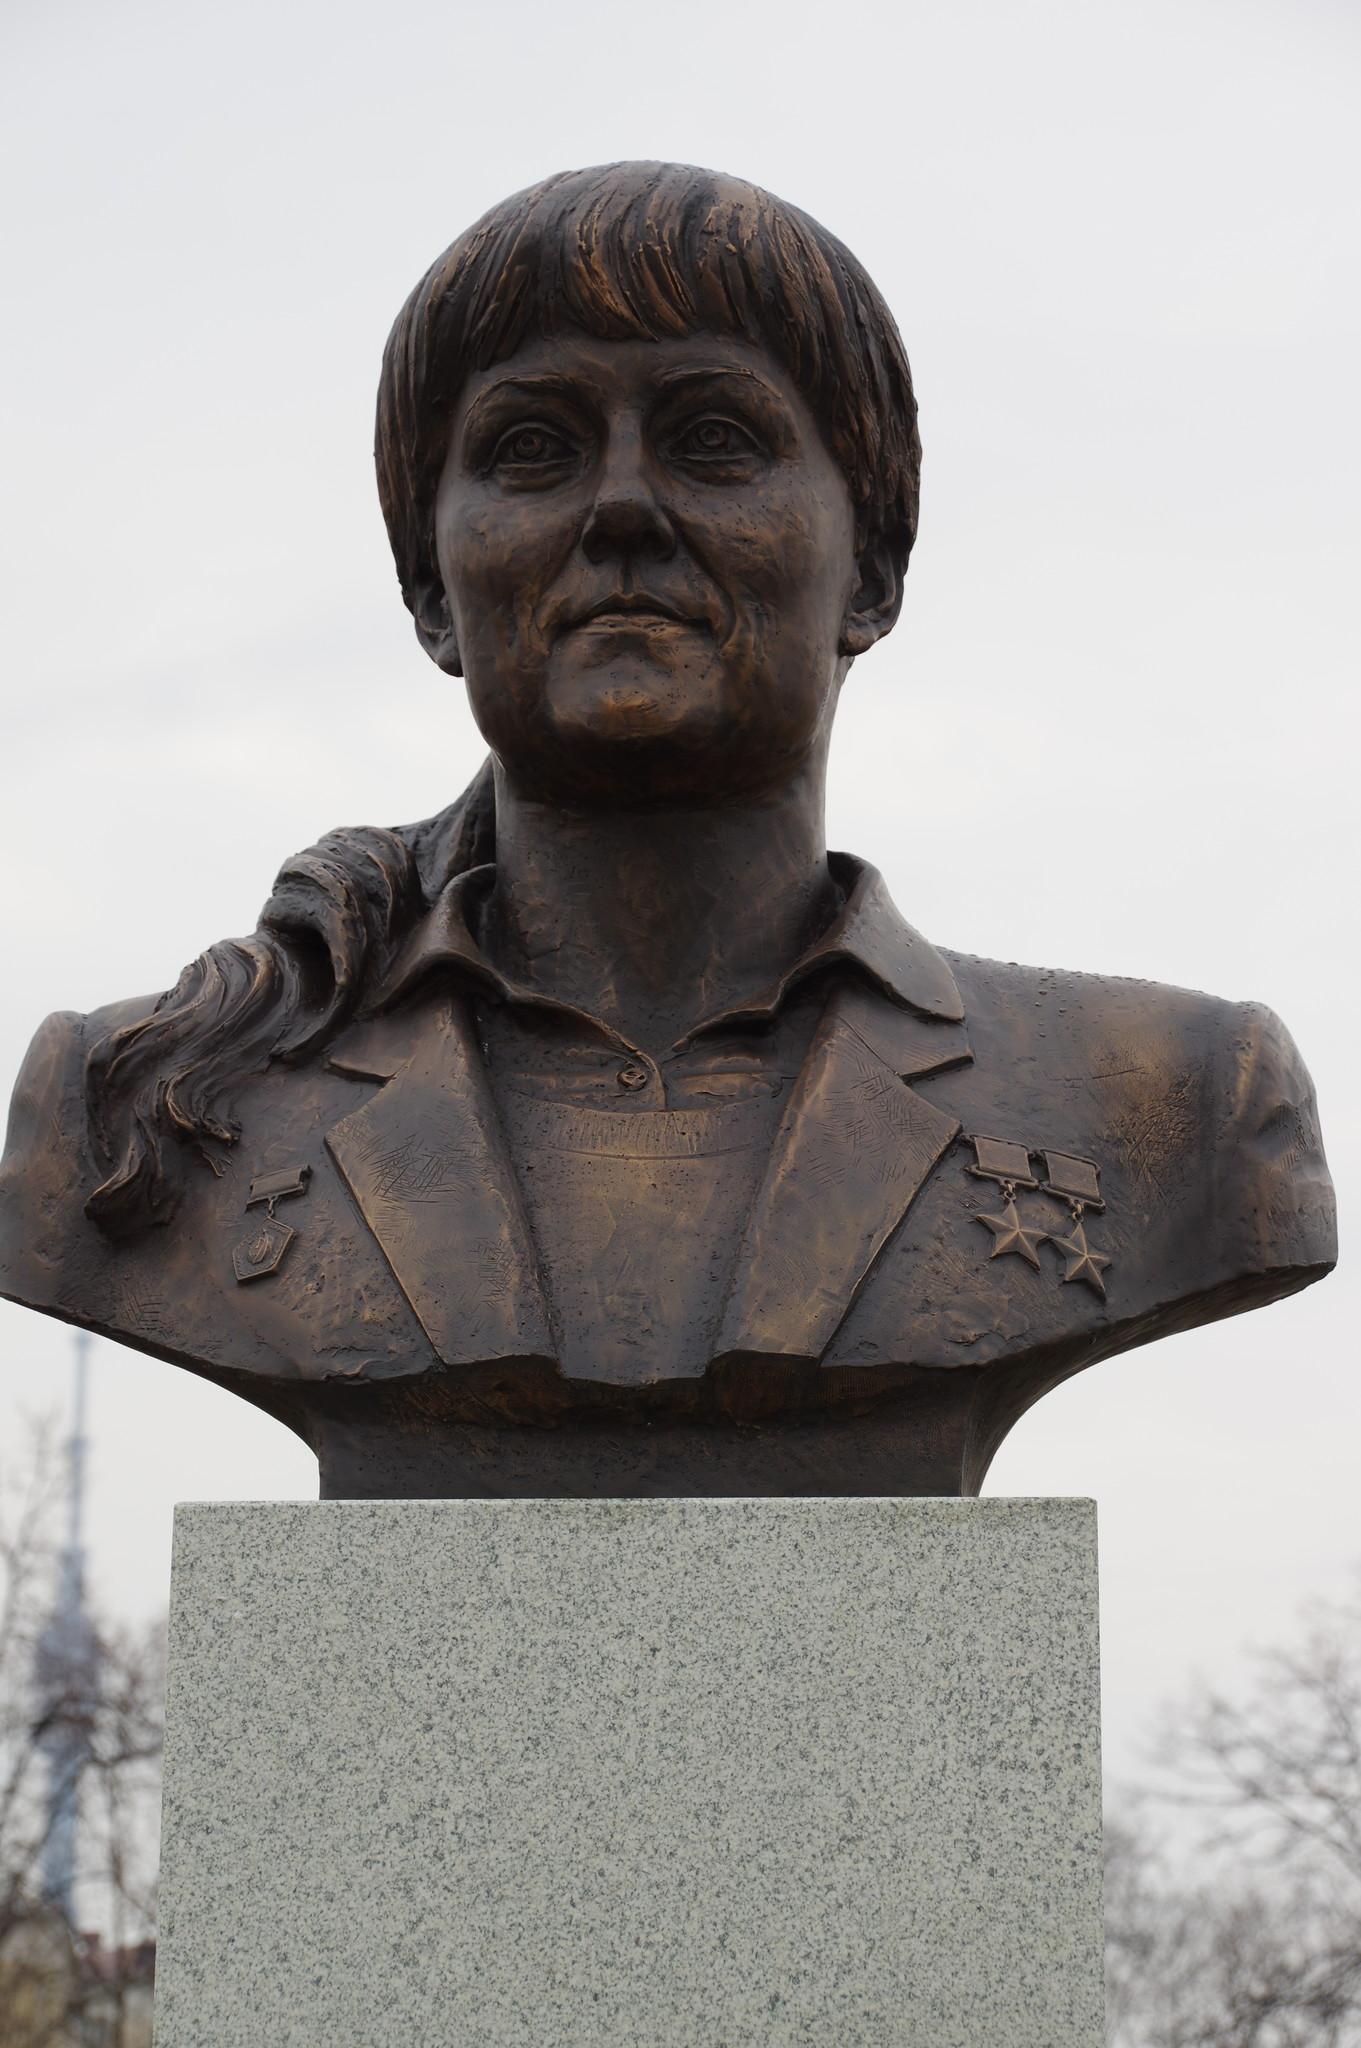 Бюст Светланы Евгеньевны Савицкой - первой в мире женщины-космонавта, вышедшей в открытый космос